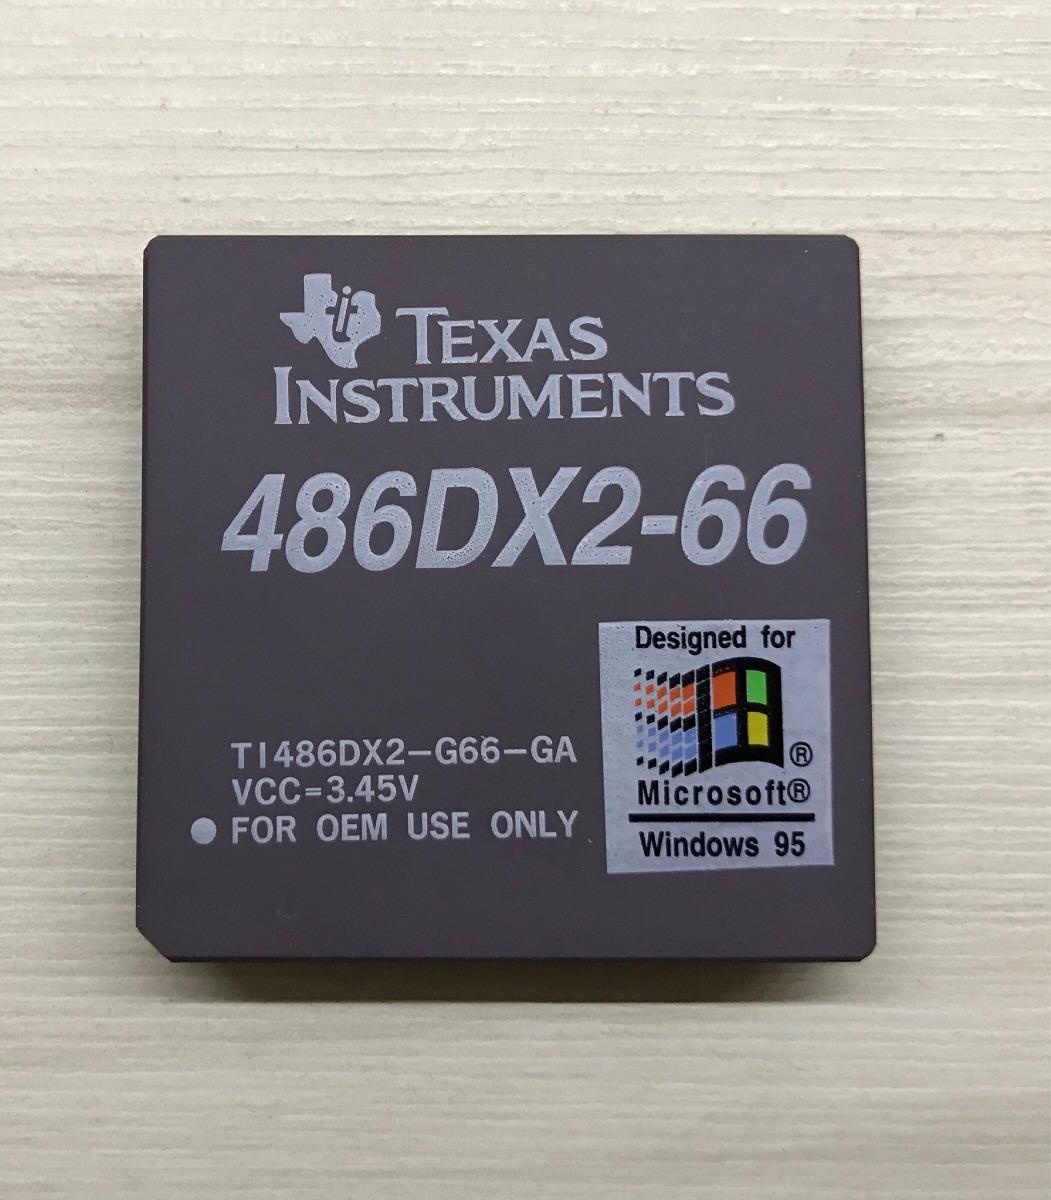 C7314EB0-95B6-4ED6-A672-085D08BEEB9F.jpeg